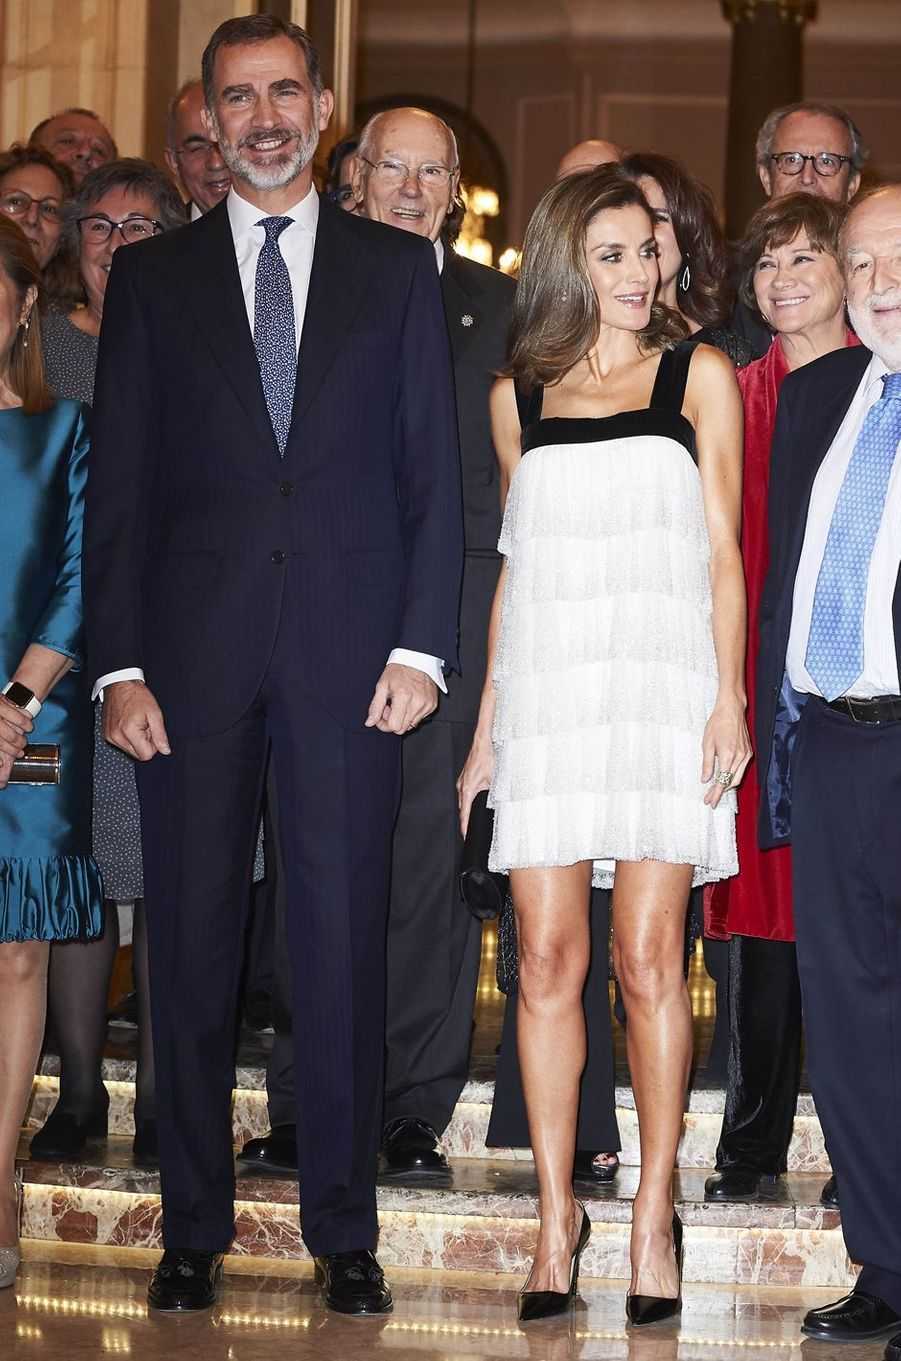 Le roi Felipe VI et la reine Letizia d'Espagne à Madrid, le 22 novembre 2017